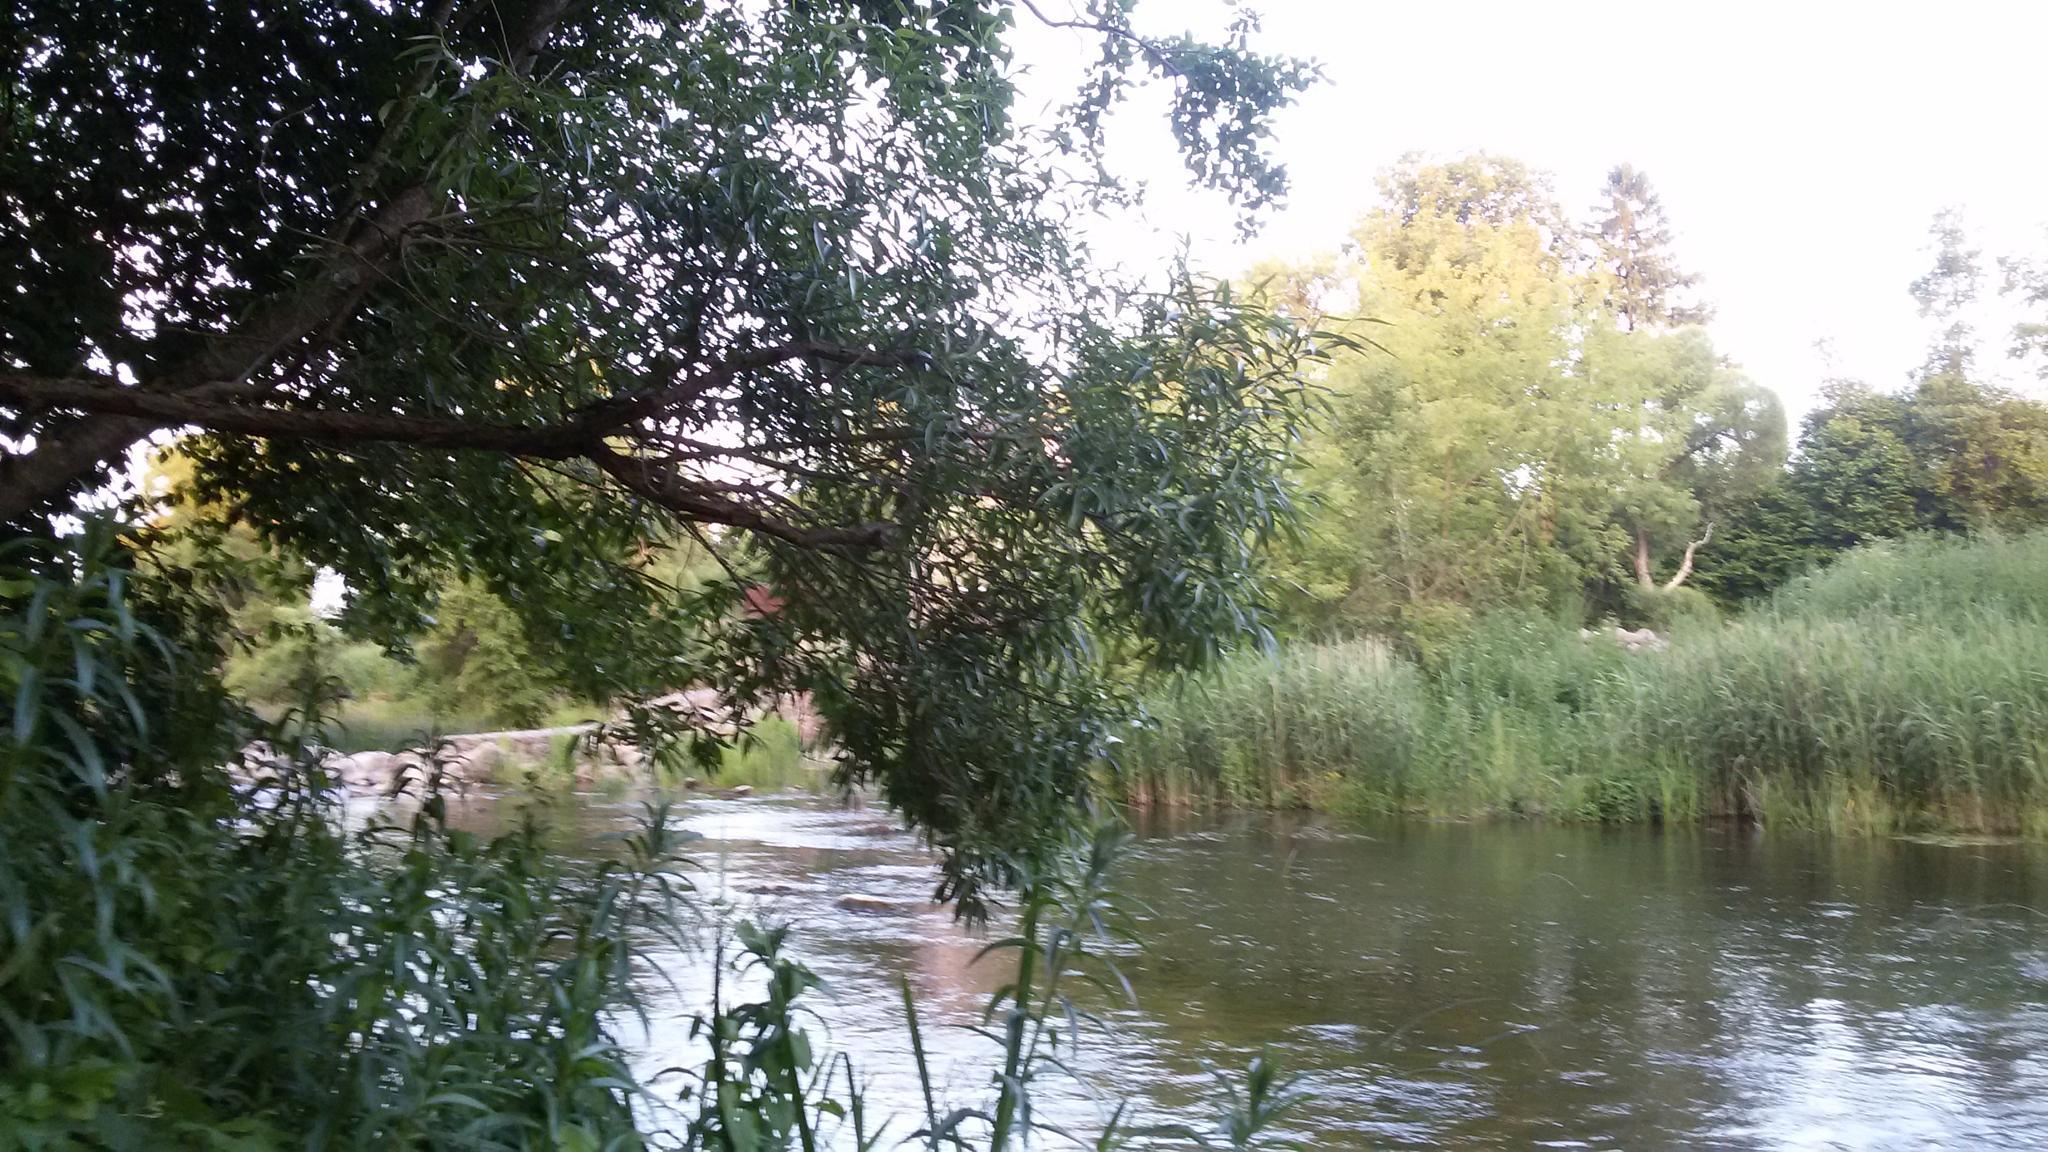 At river by uzkuraitiene62